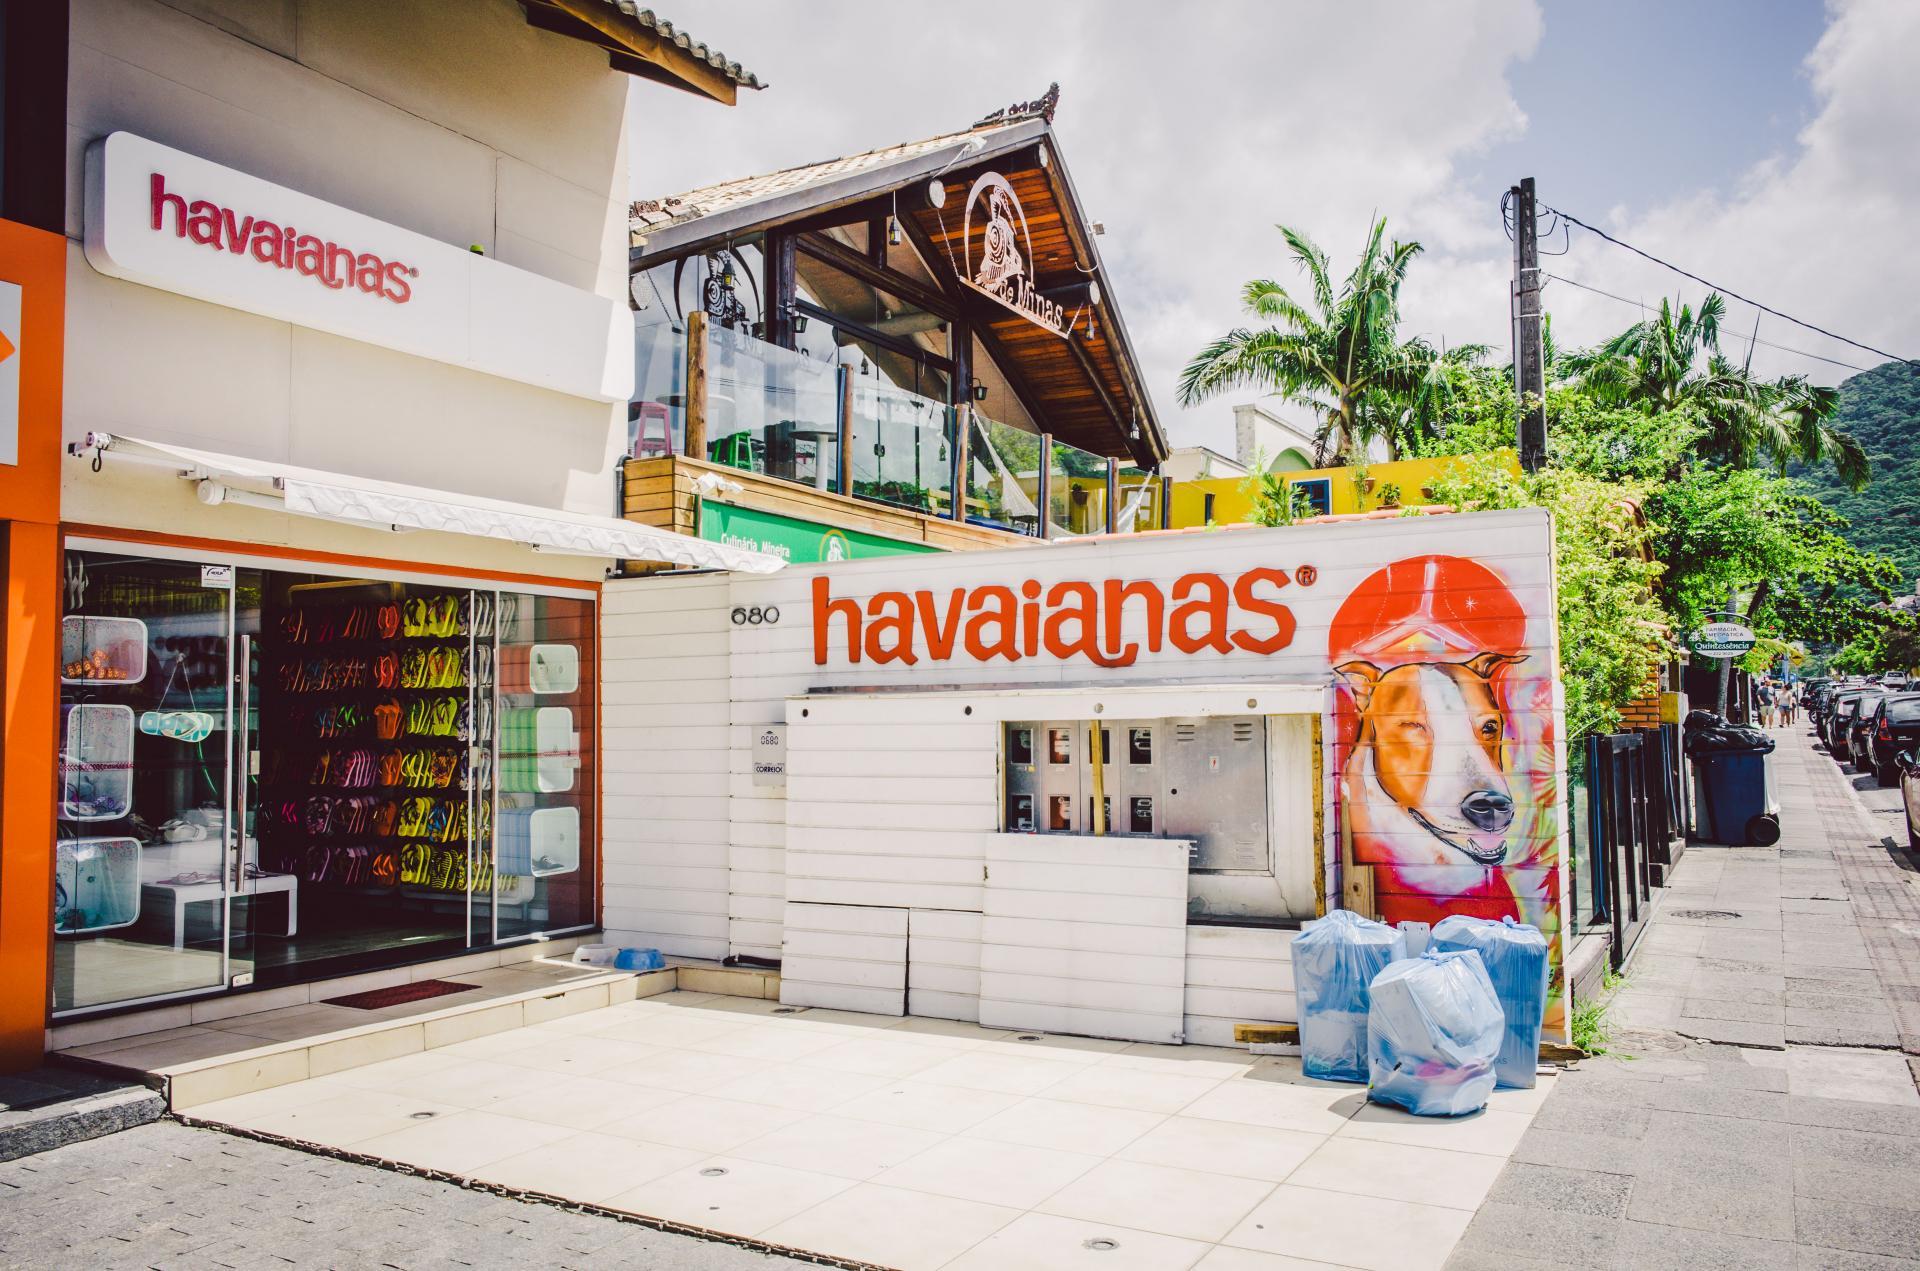 Eigener Laden der brasilianischen Marke Havaianas in Florianopolis